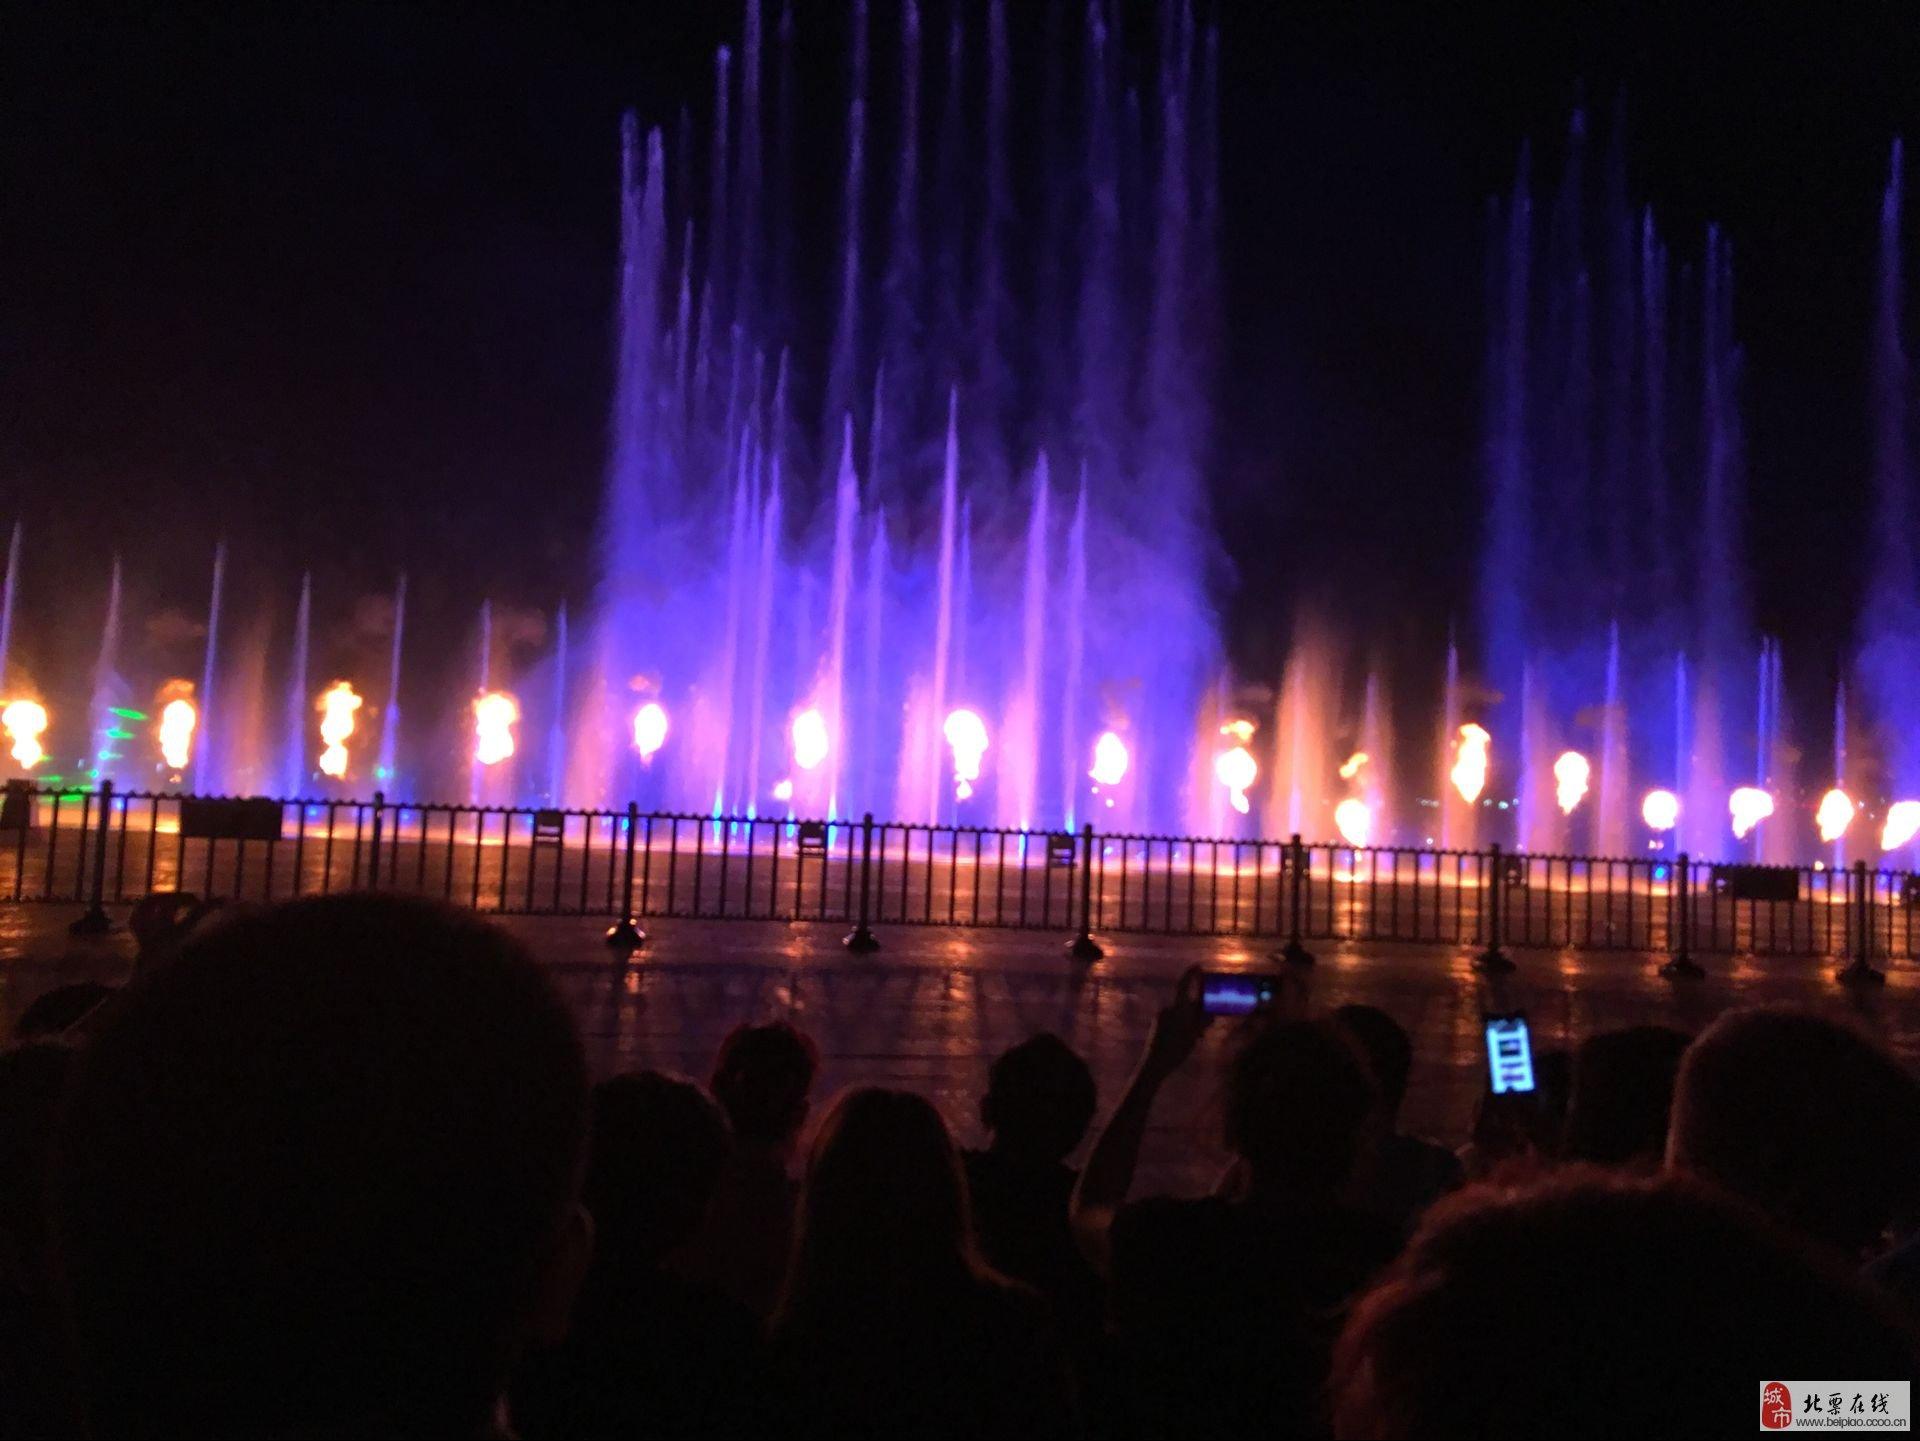 抚顺月牙岛生态公园广场音乐喷泉